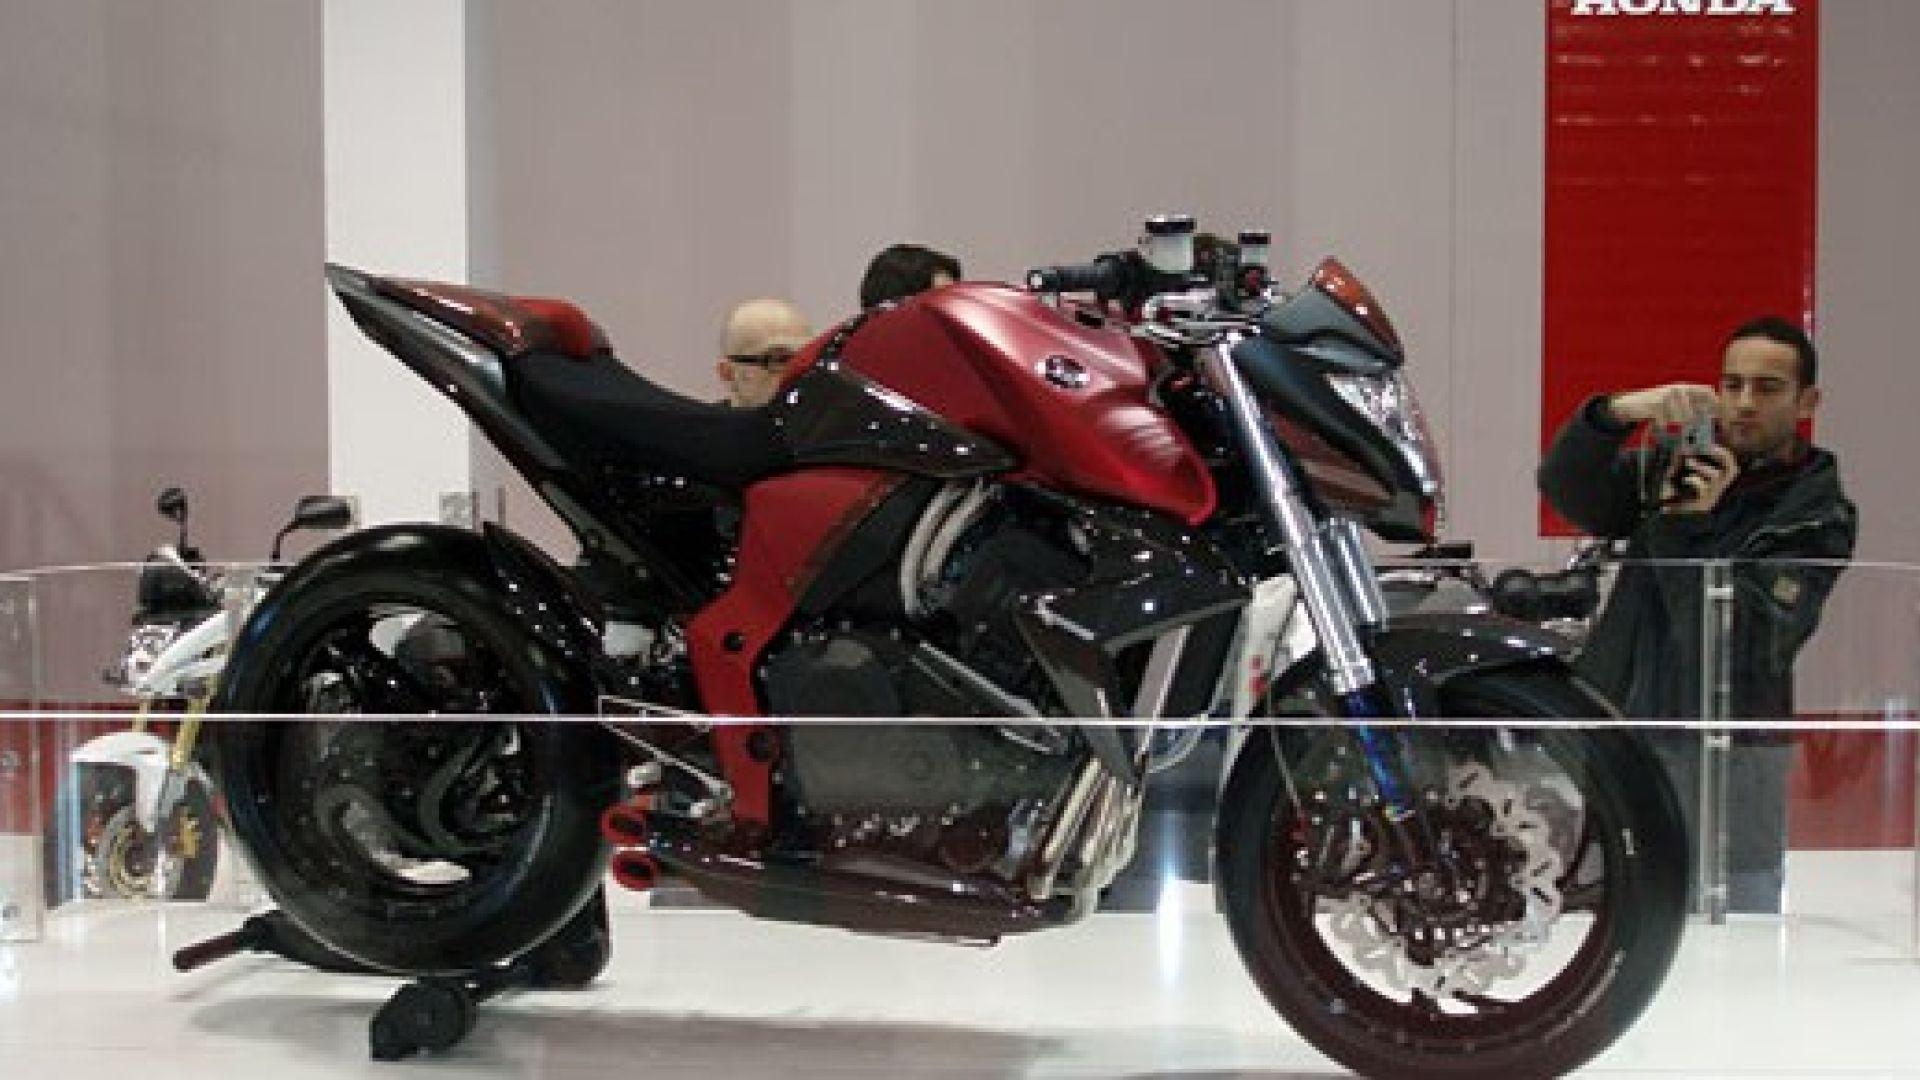 Immagine 11: Bike Expo 2008